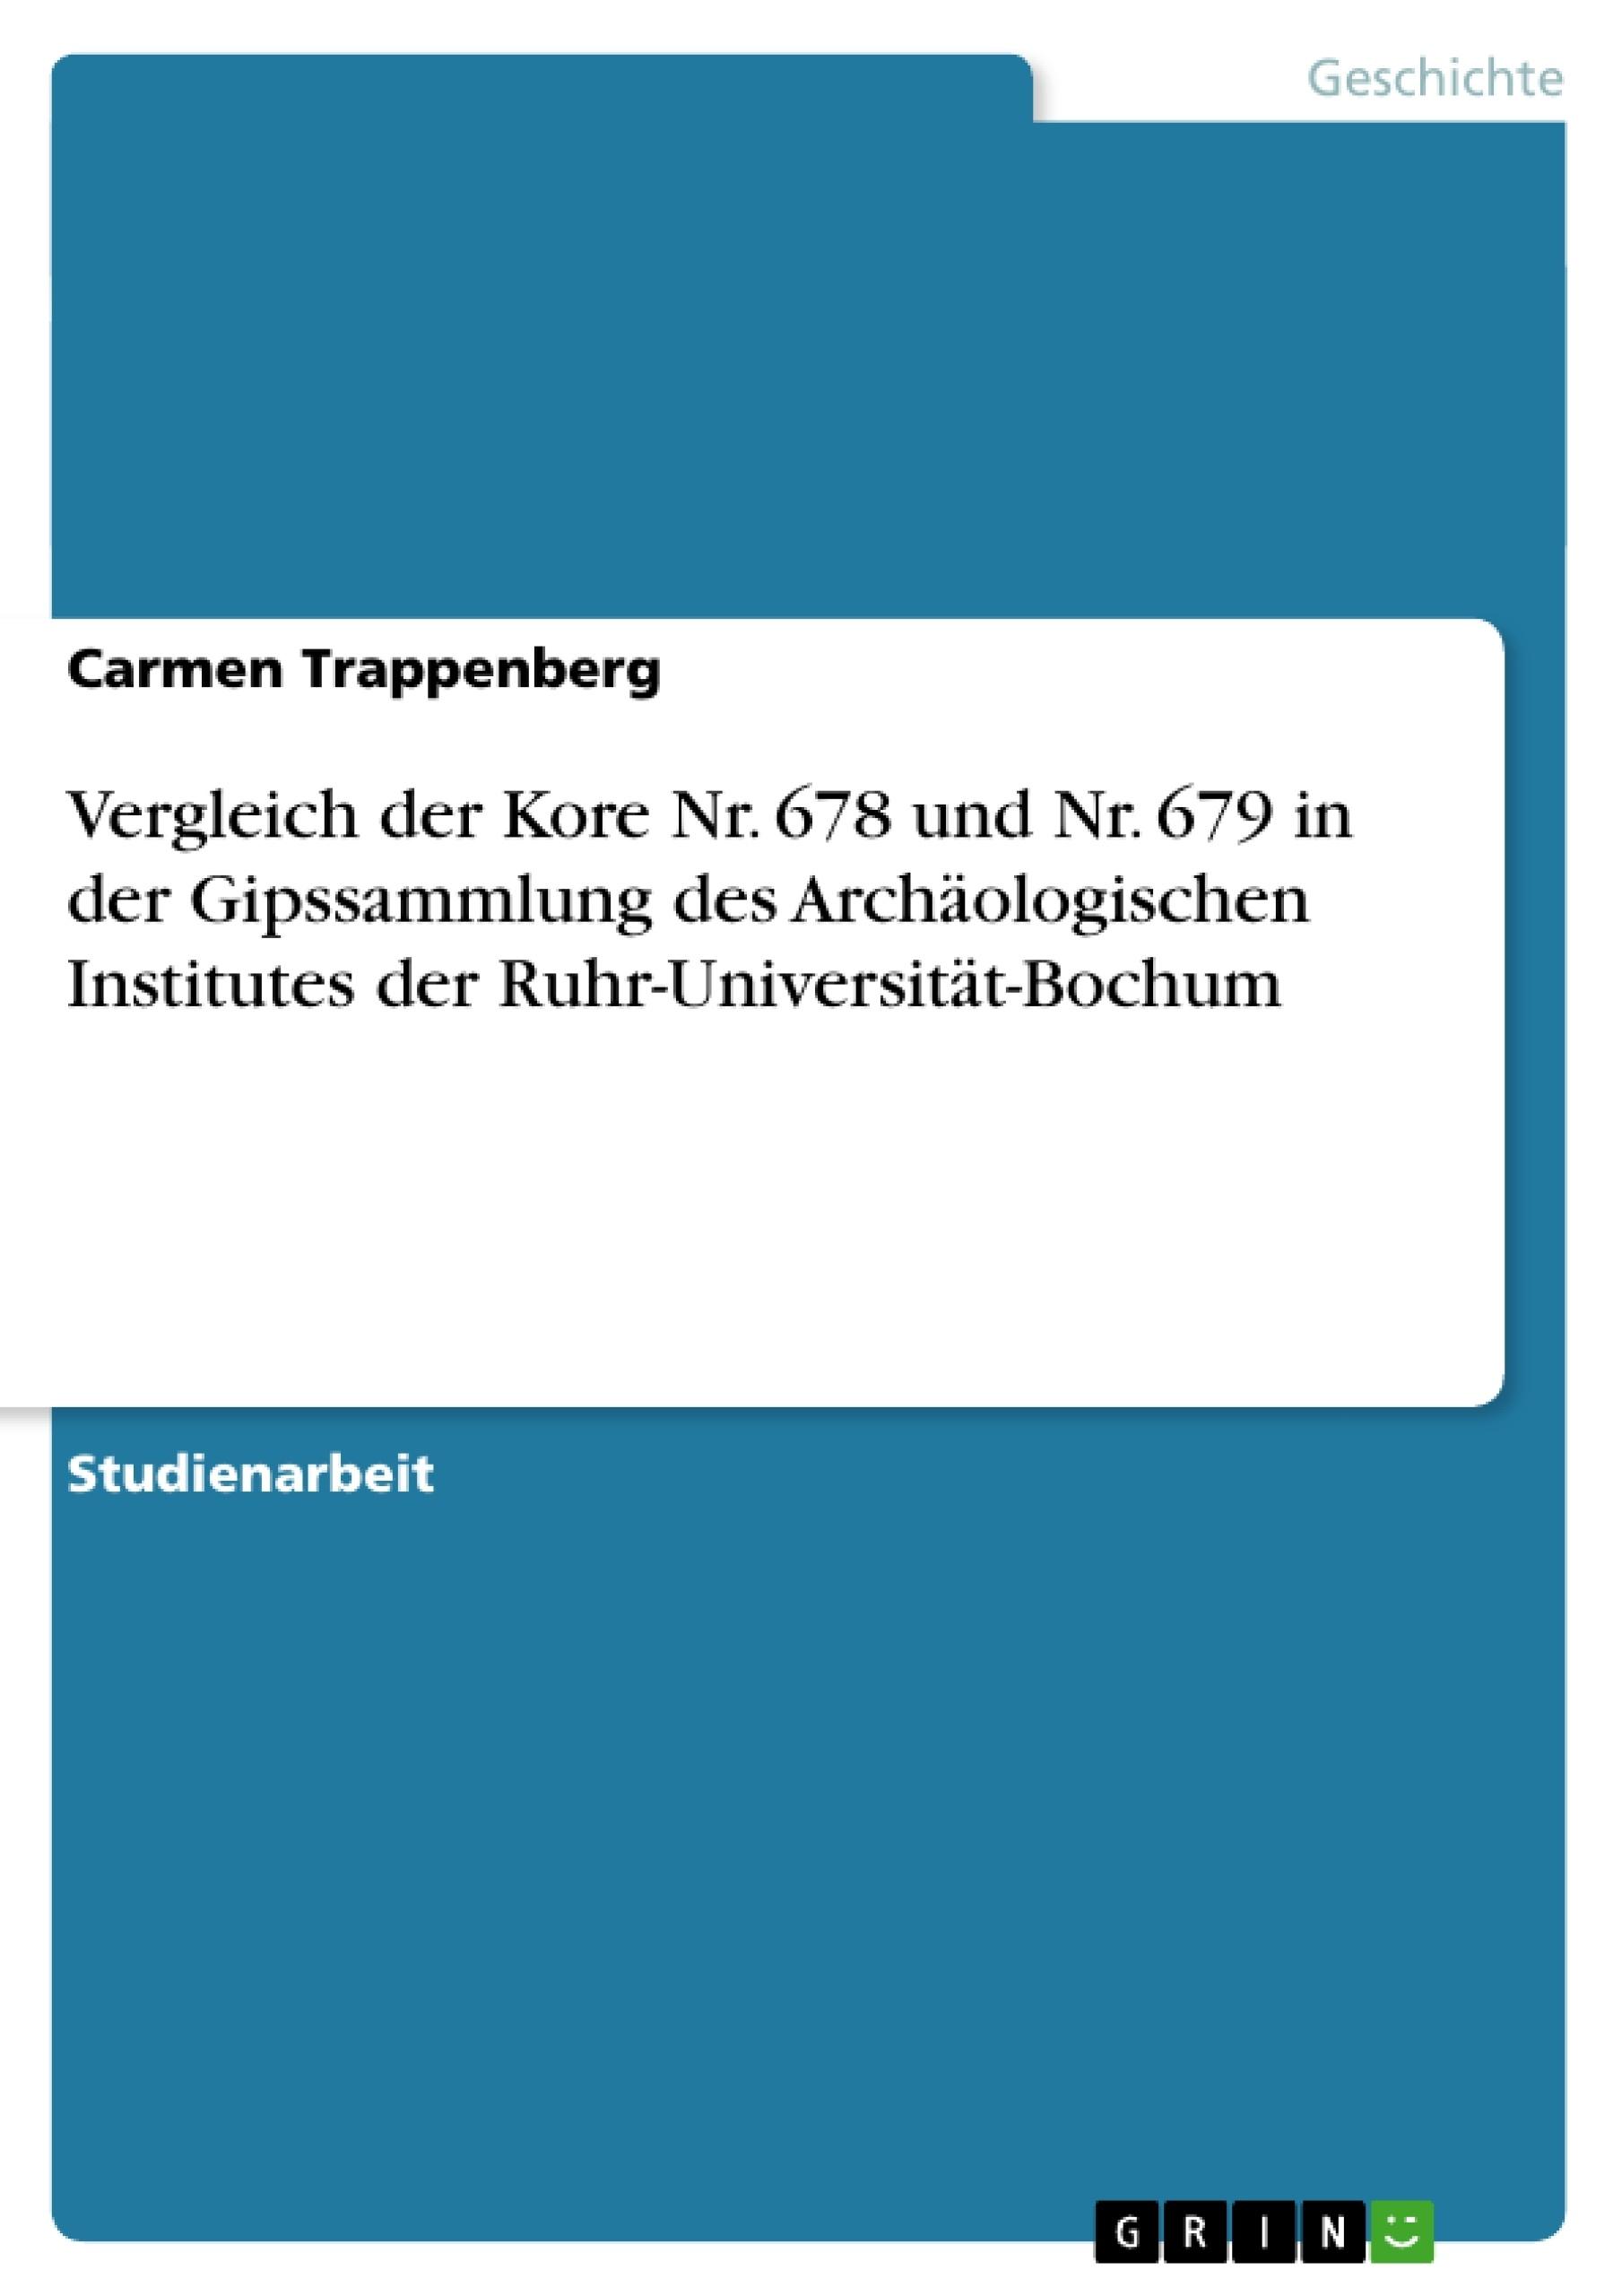 Titel: Vergleich der Kore Nr. 678 und Nr. 679  in der Gipssammlung des Archäologischen Institutes    der Ruhr-Universität-Bochum